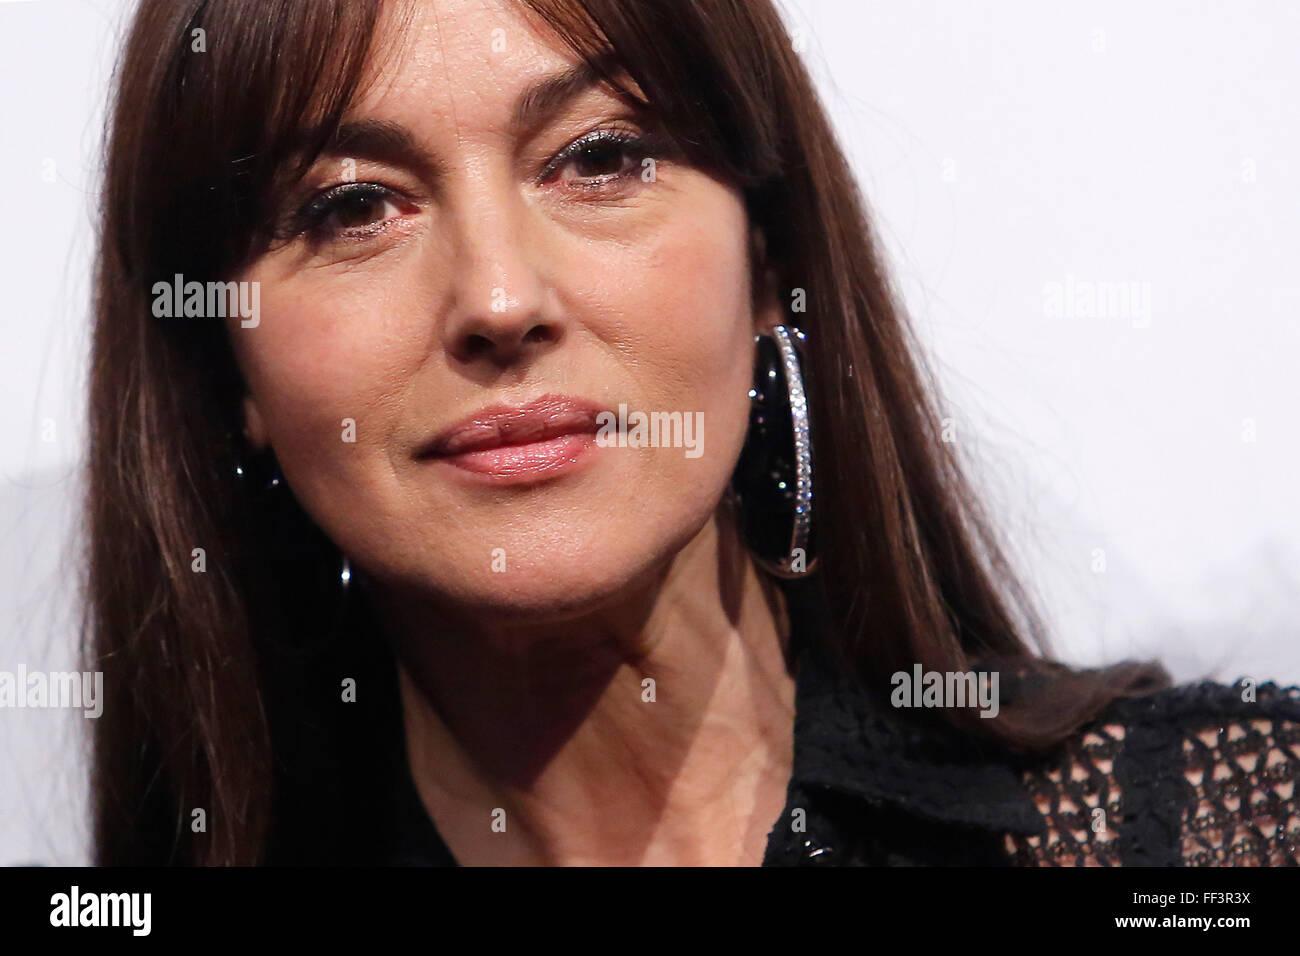 maria bellucci фото